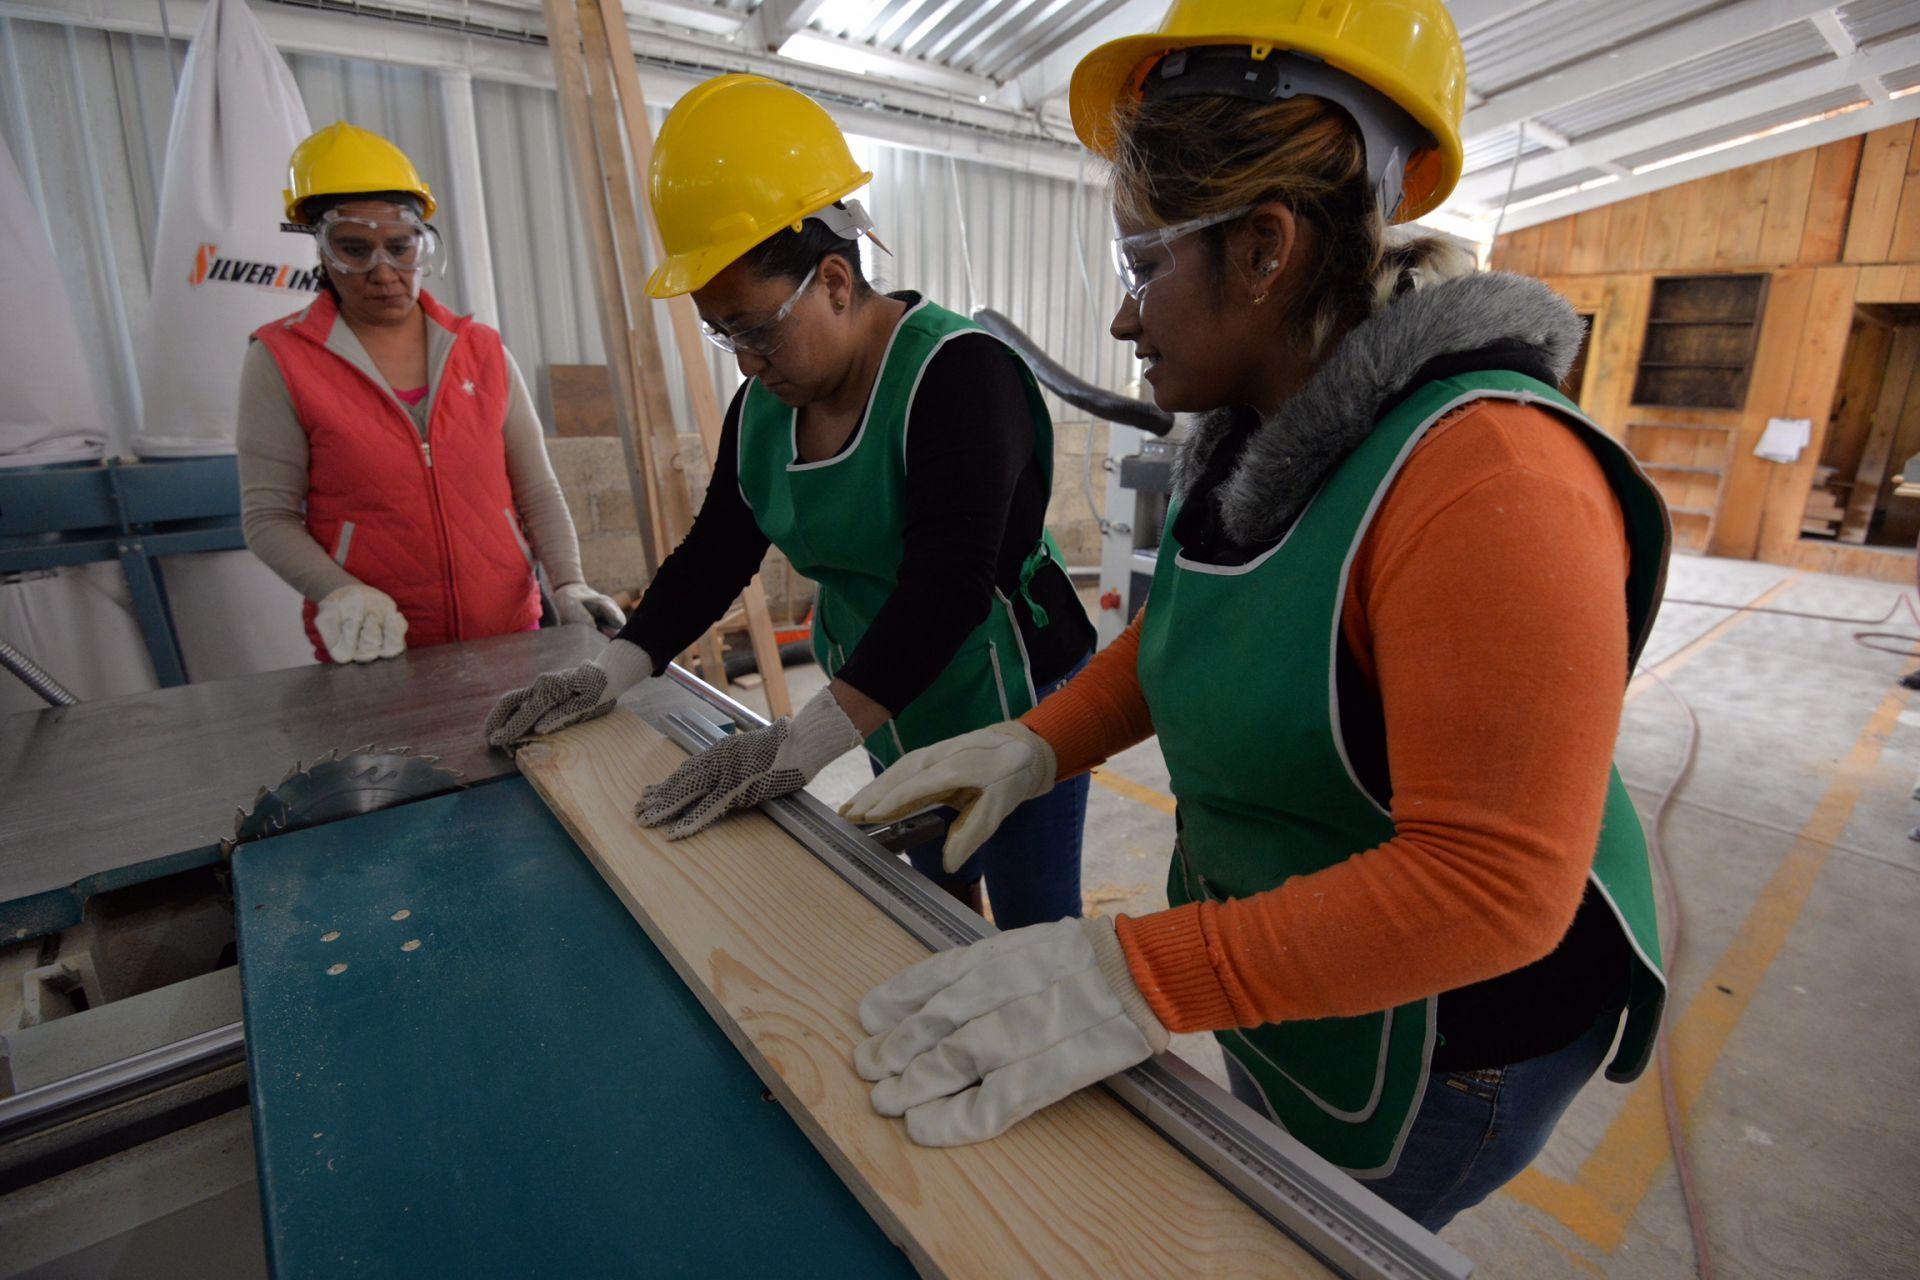 El registro del IMSS agregó 401,648 puestos de trabajo asegurados durante el primer semestre de 2021